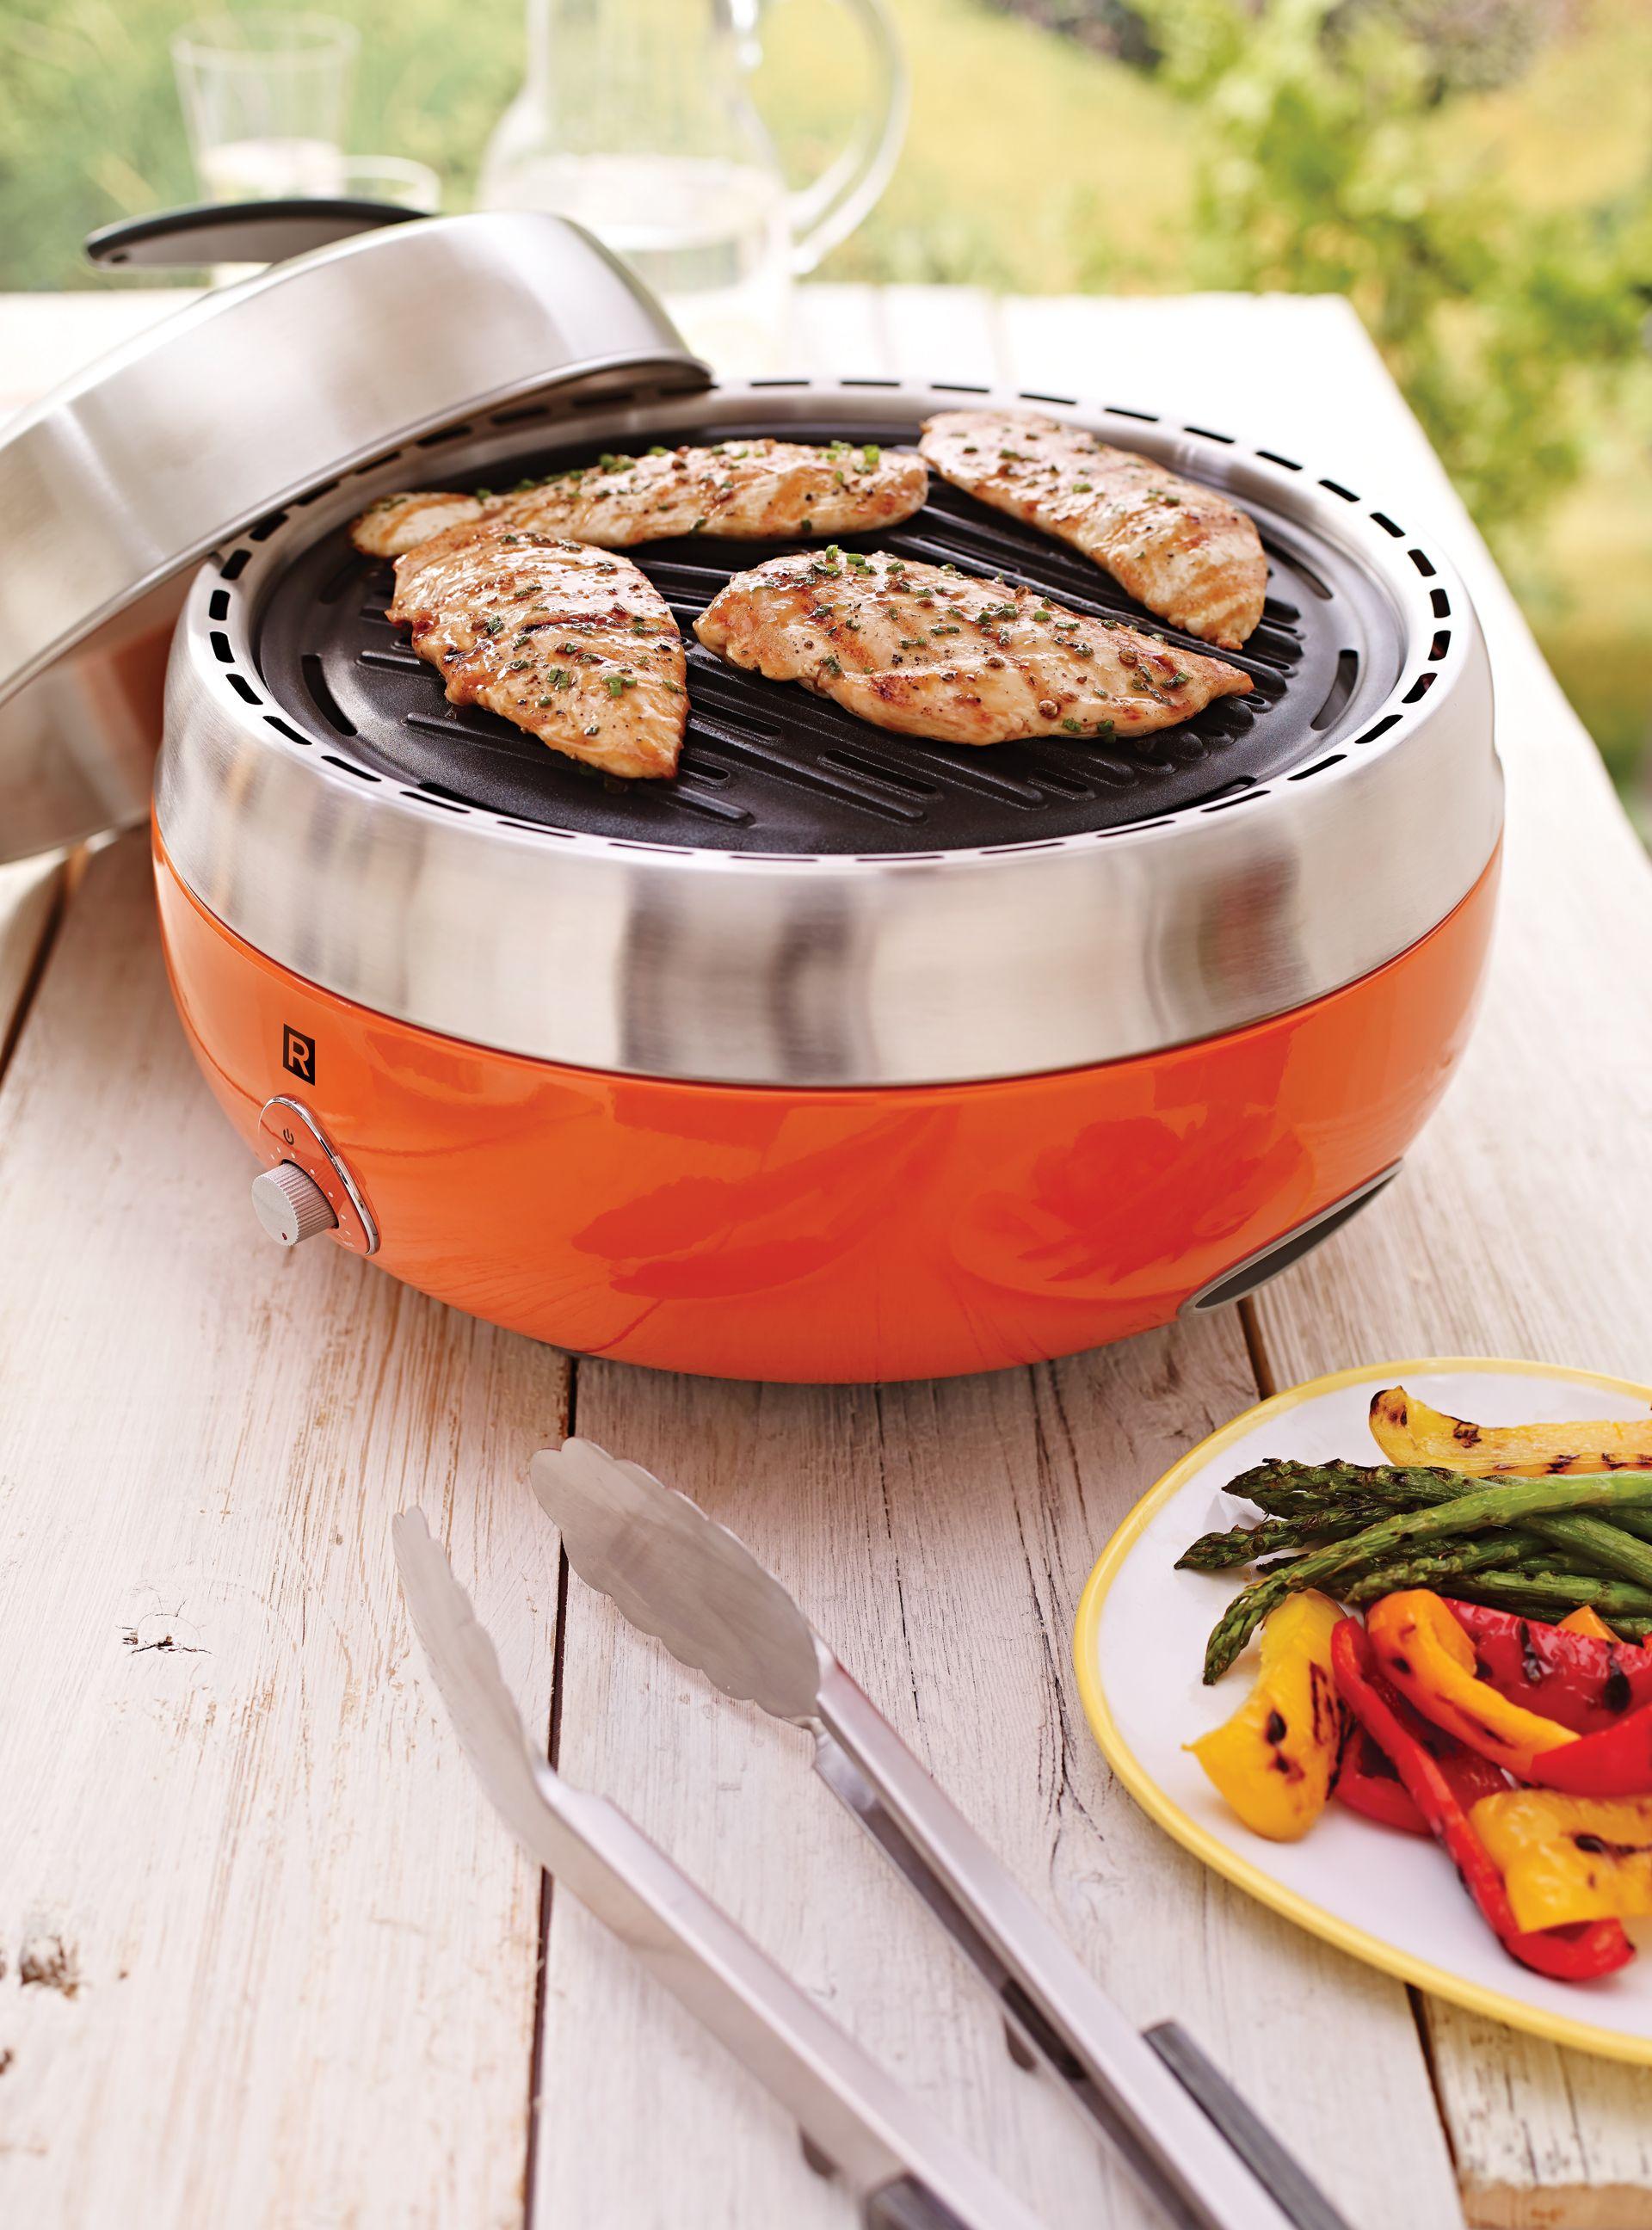 Barbecue portatif - Au charbon de bois, il s'utilise autant à l'extérieur qu'à l'intérieur.